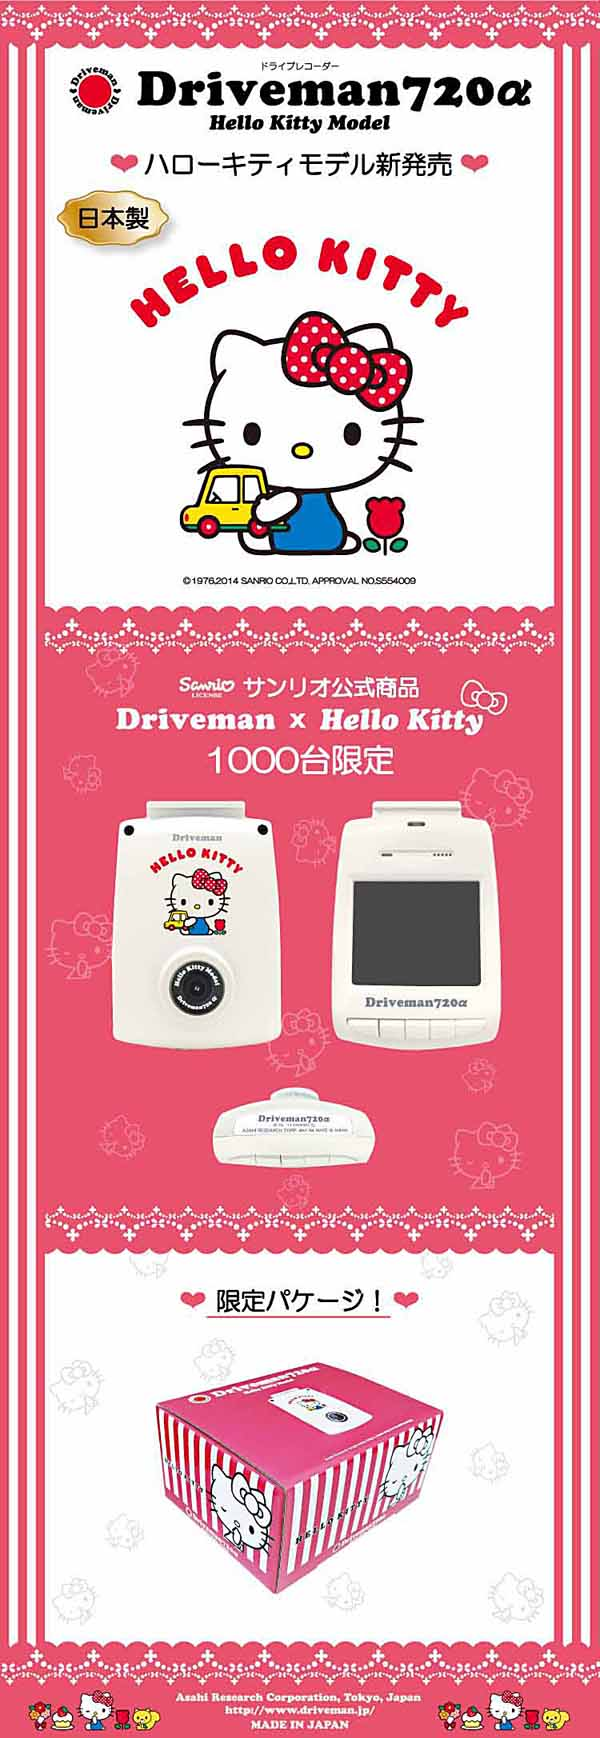 ドライブレコーダーDRIVEMAN720αハローキティモデル